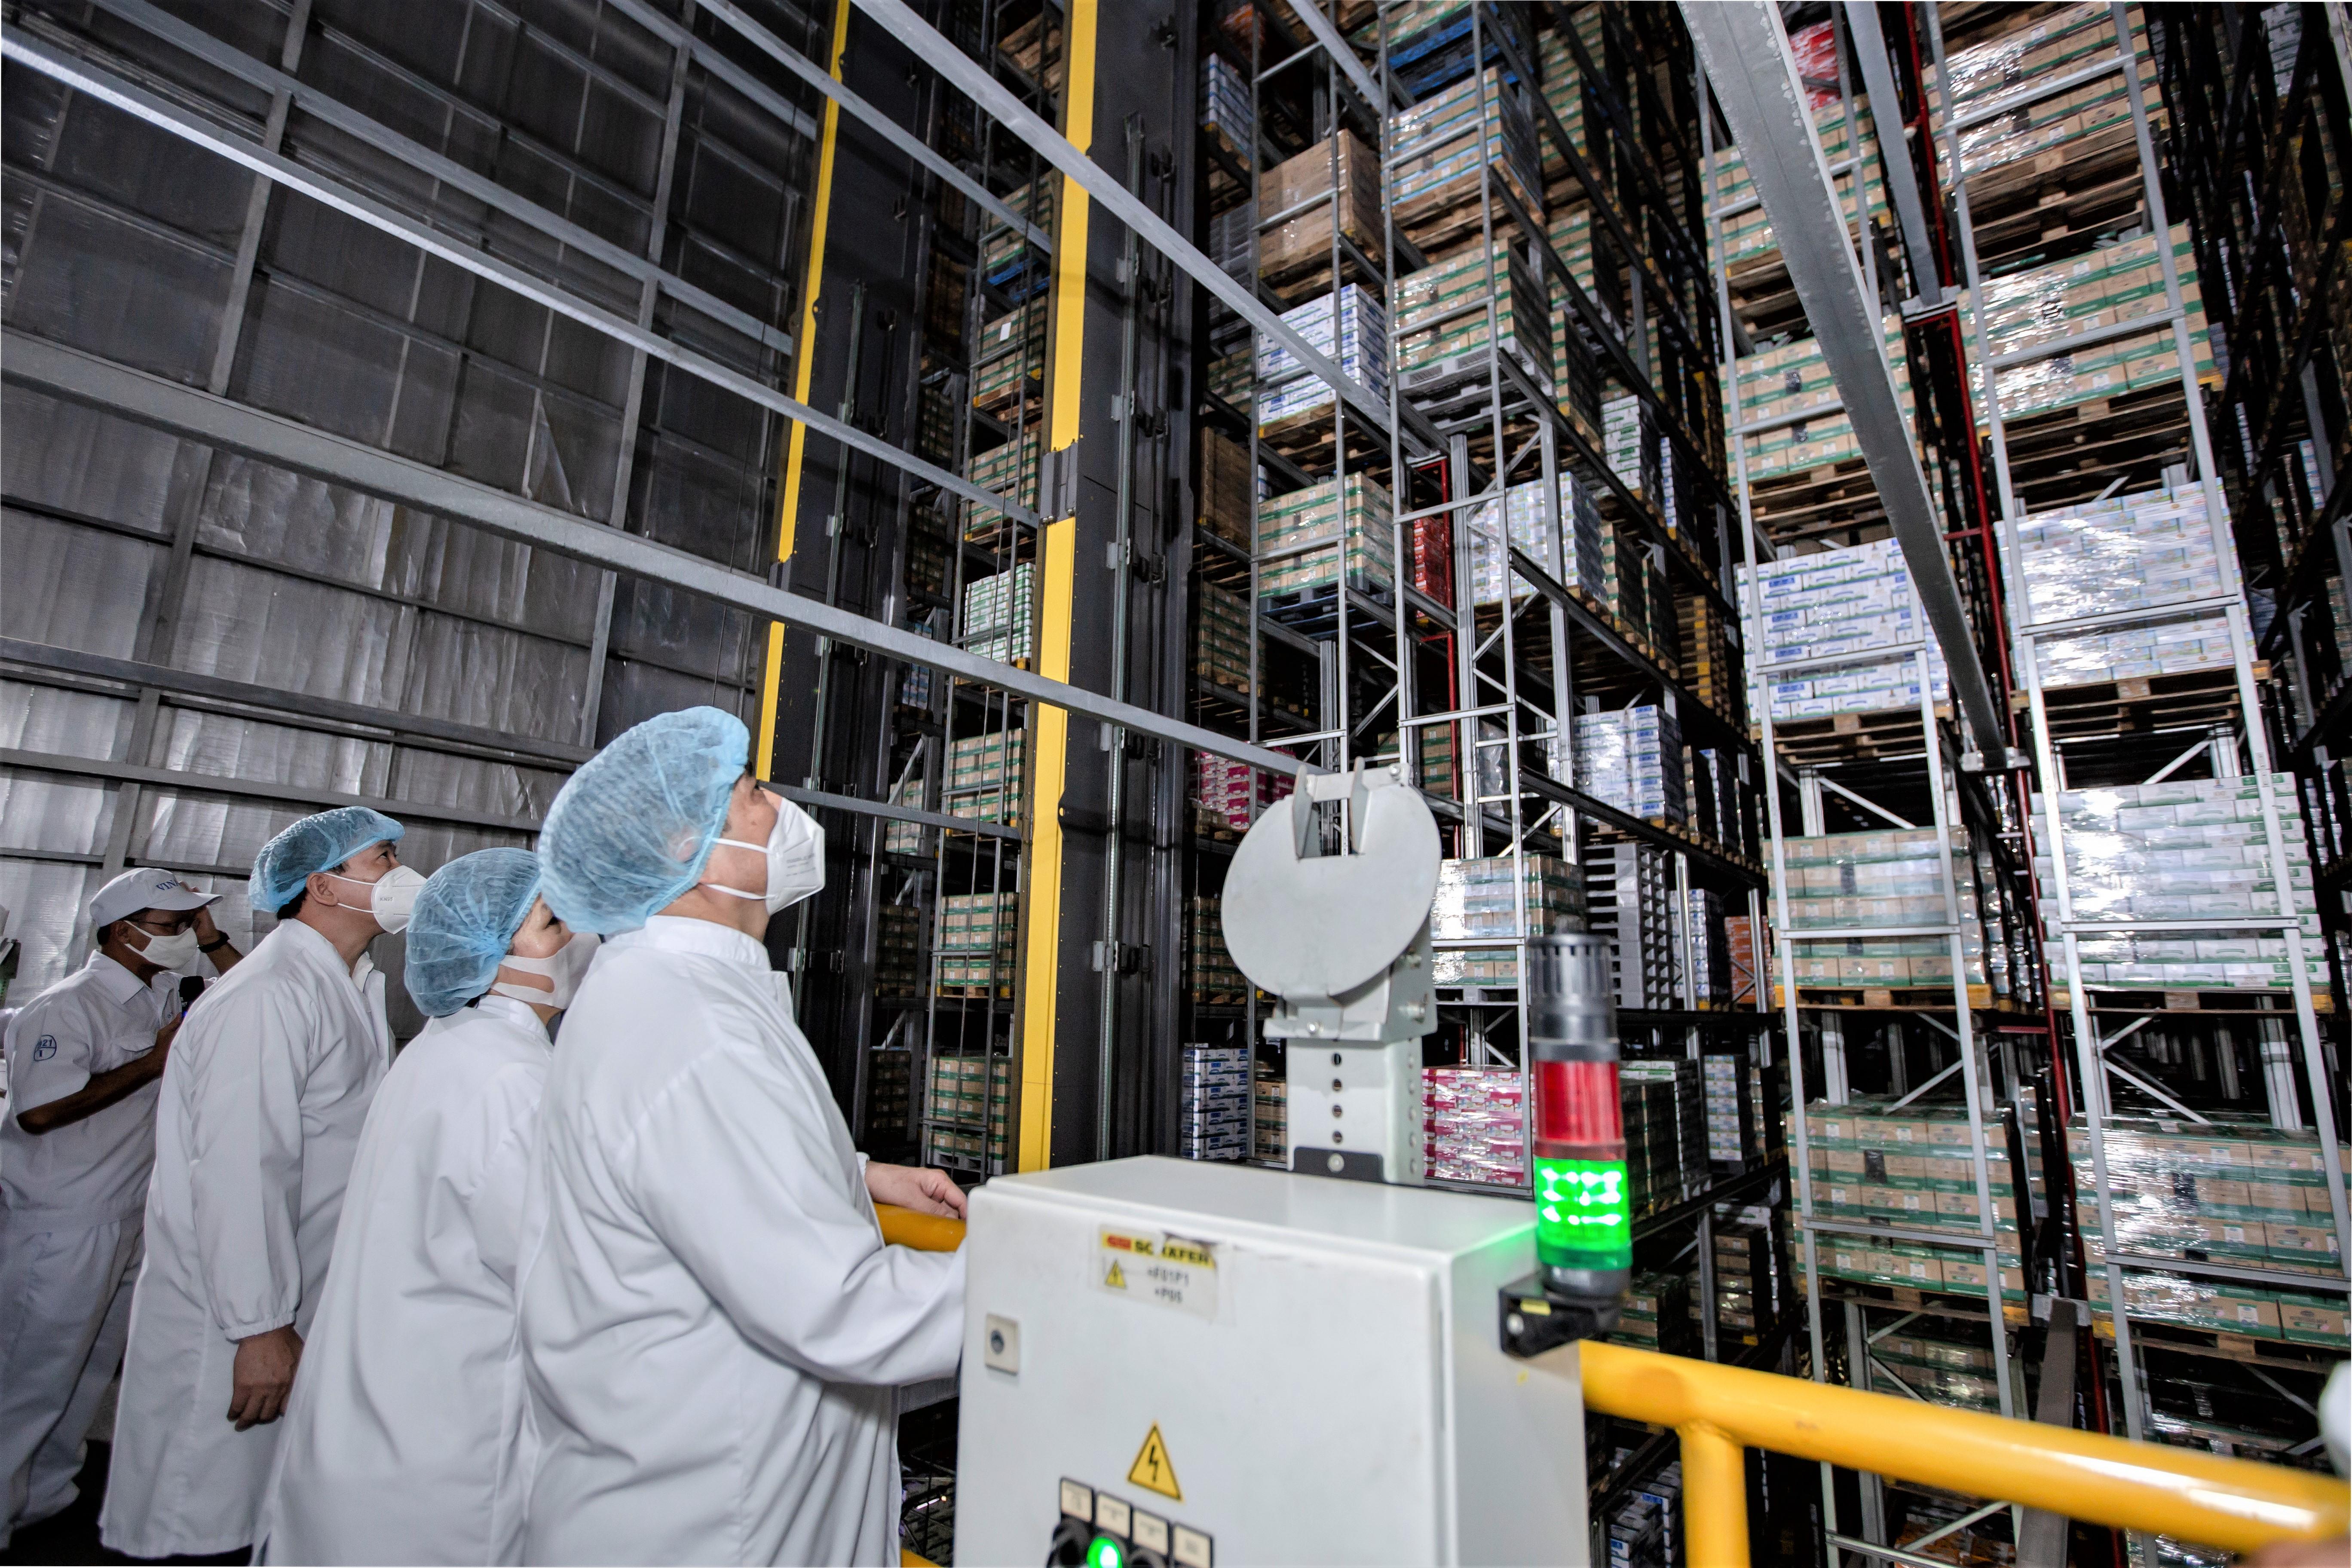 Nhà máy Mega là đơn vị tiên phong sử dụng hệ thống kho thông minh với công nghệ châu Âu có sức chứa hơn 27.000 pallet hàng hóa